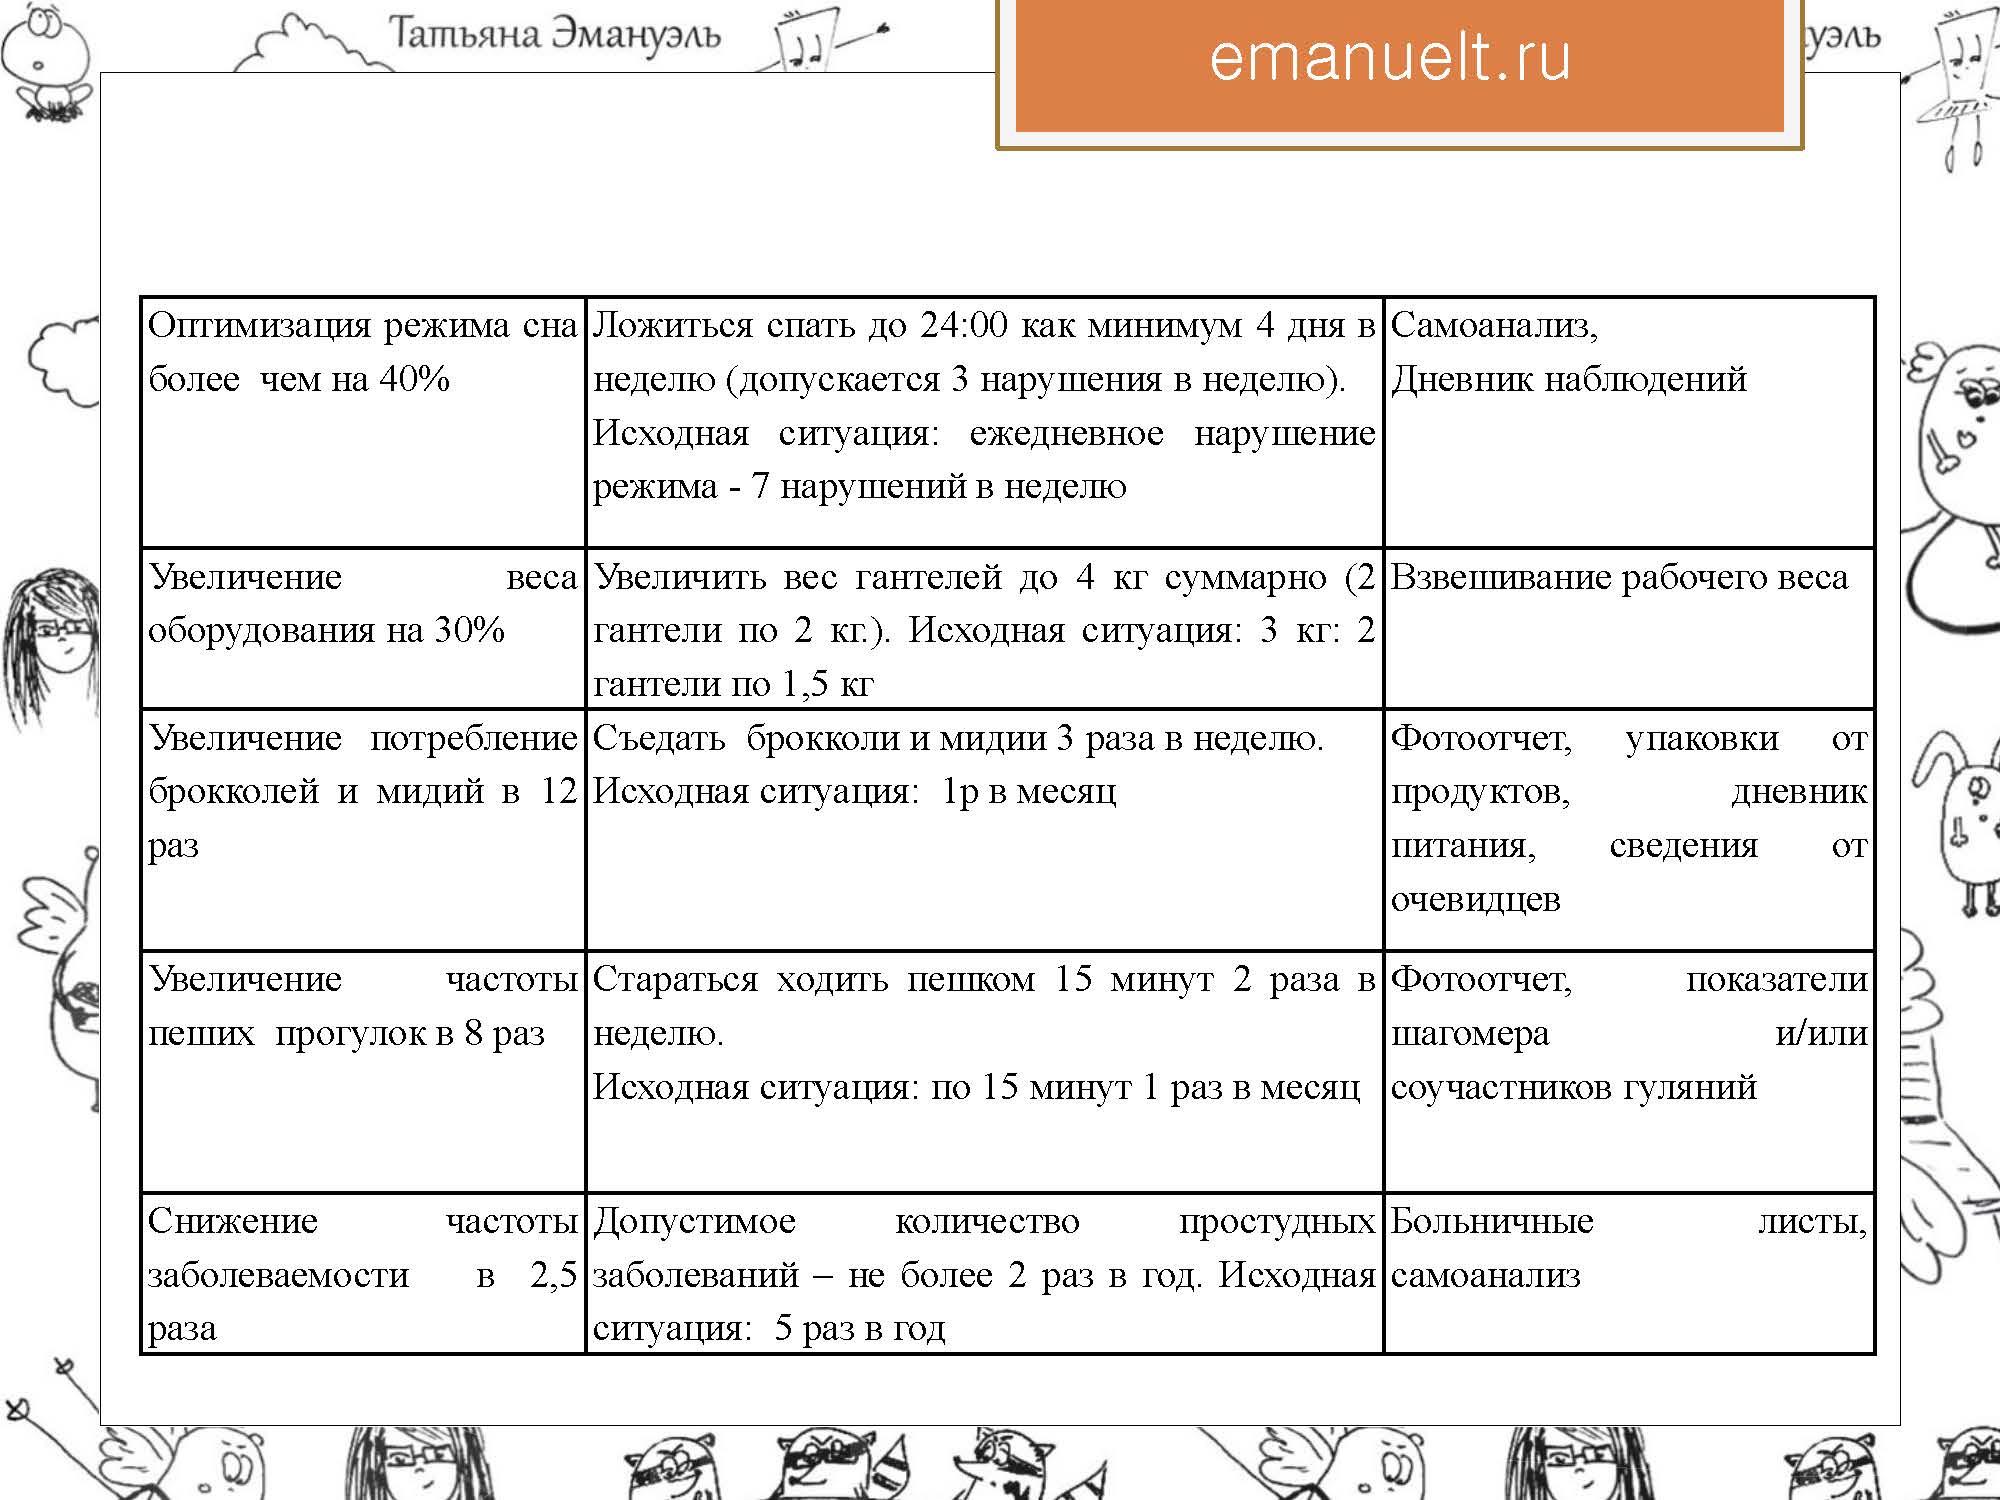 проектный эмануэль_Страница_79